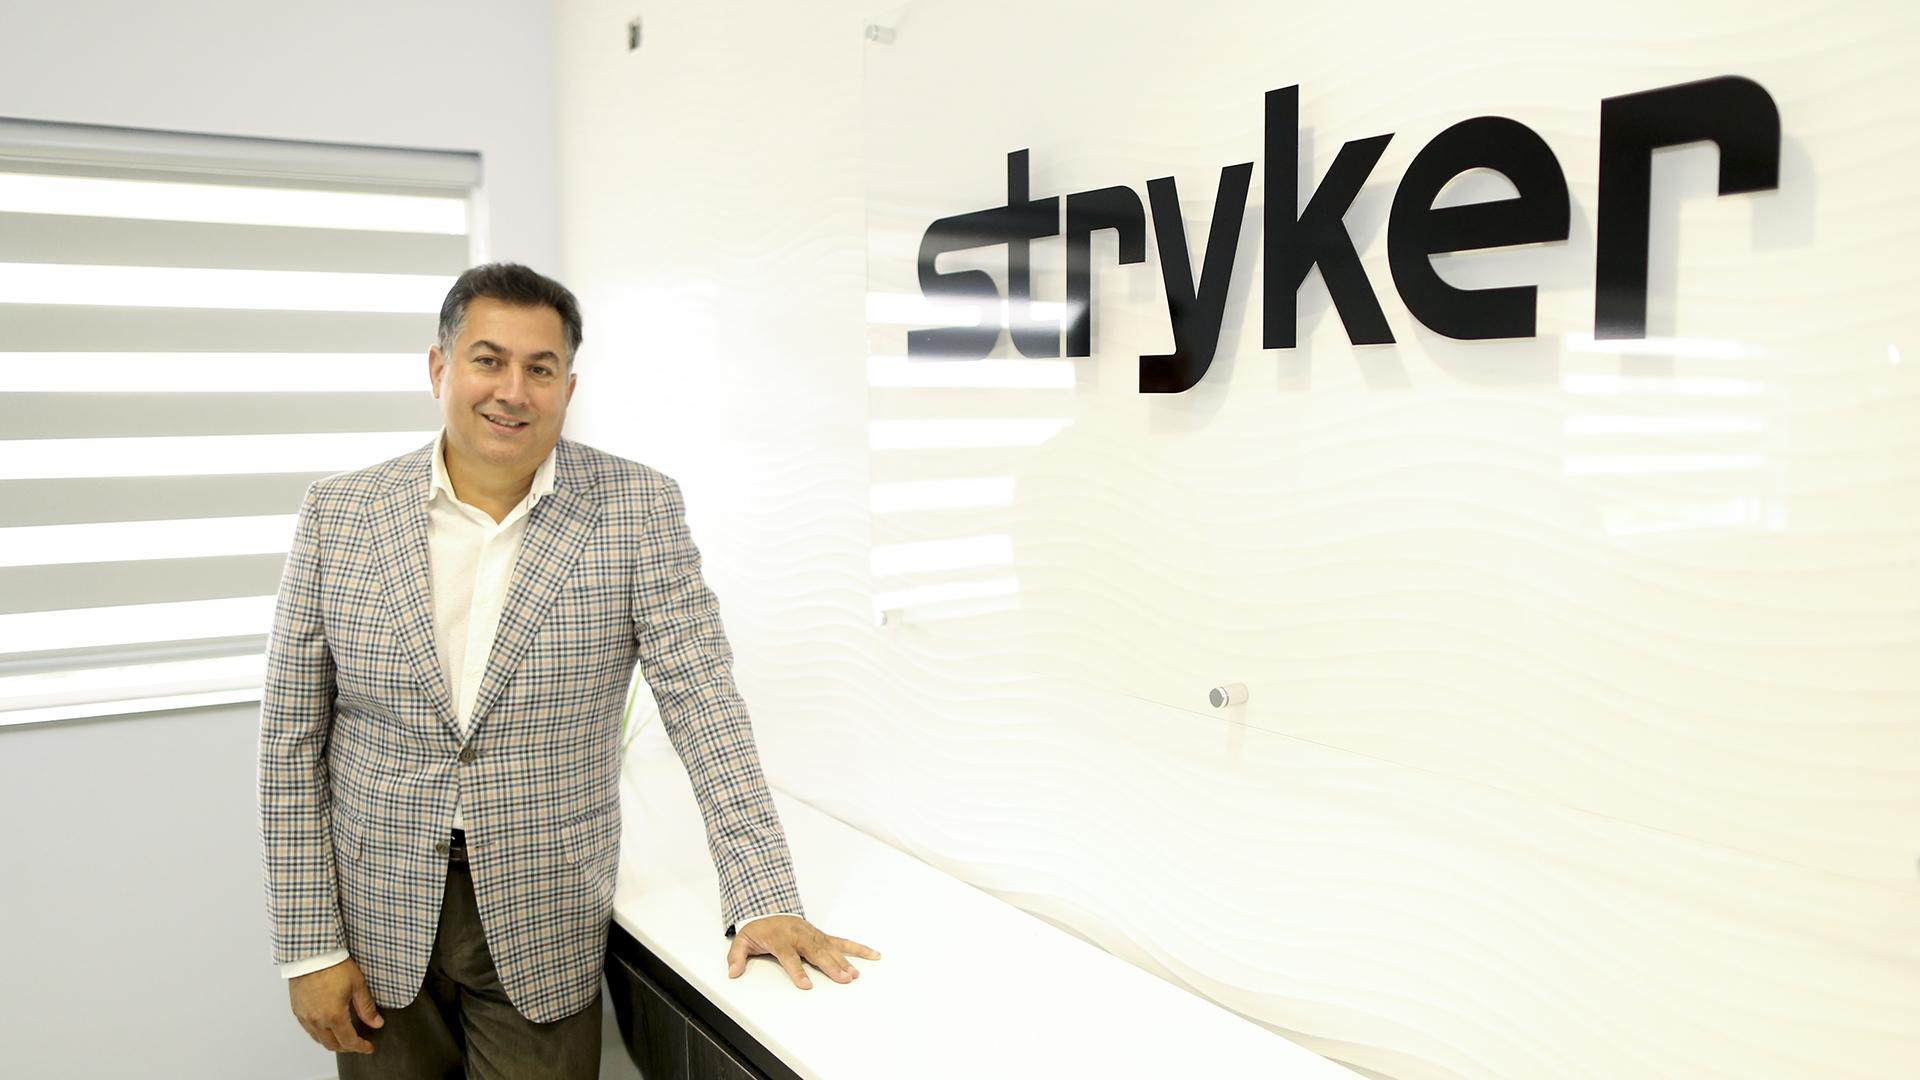 Mejores Patronos 2017: Stryker se corona entre las grandes empresas